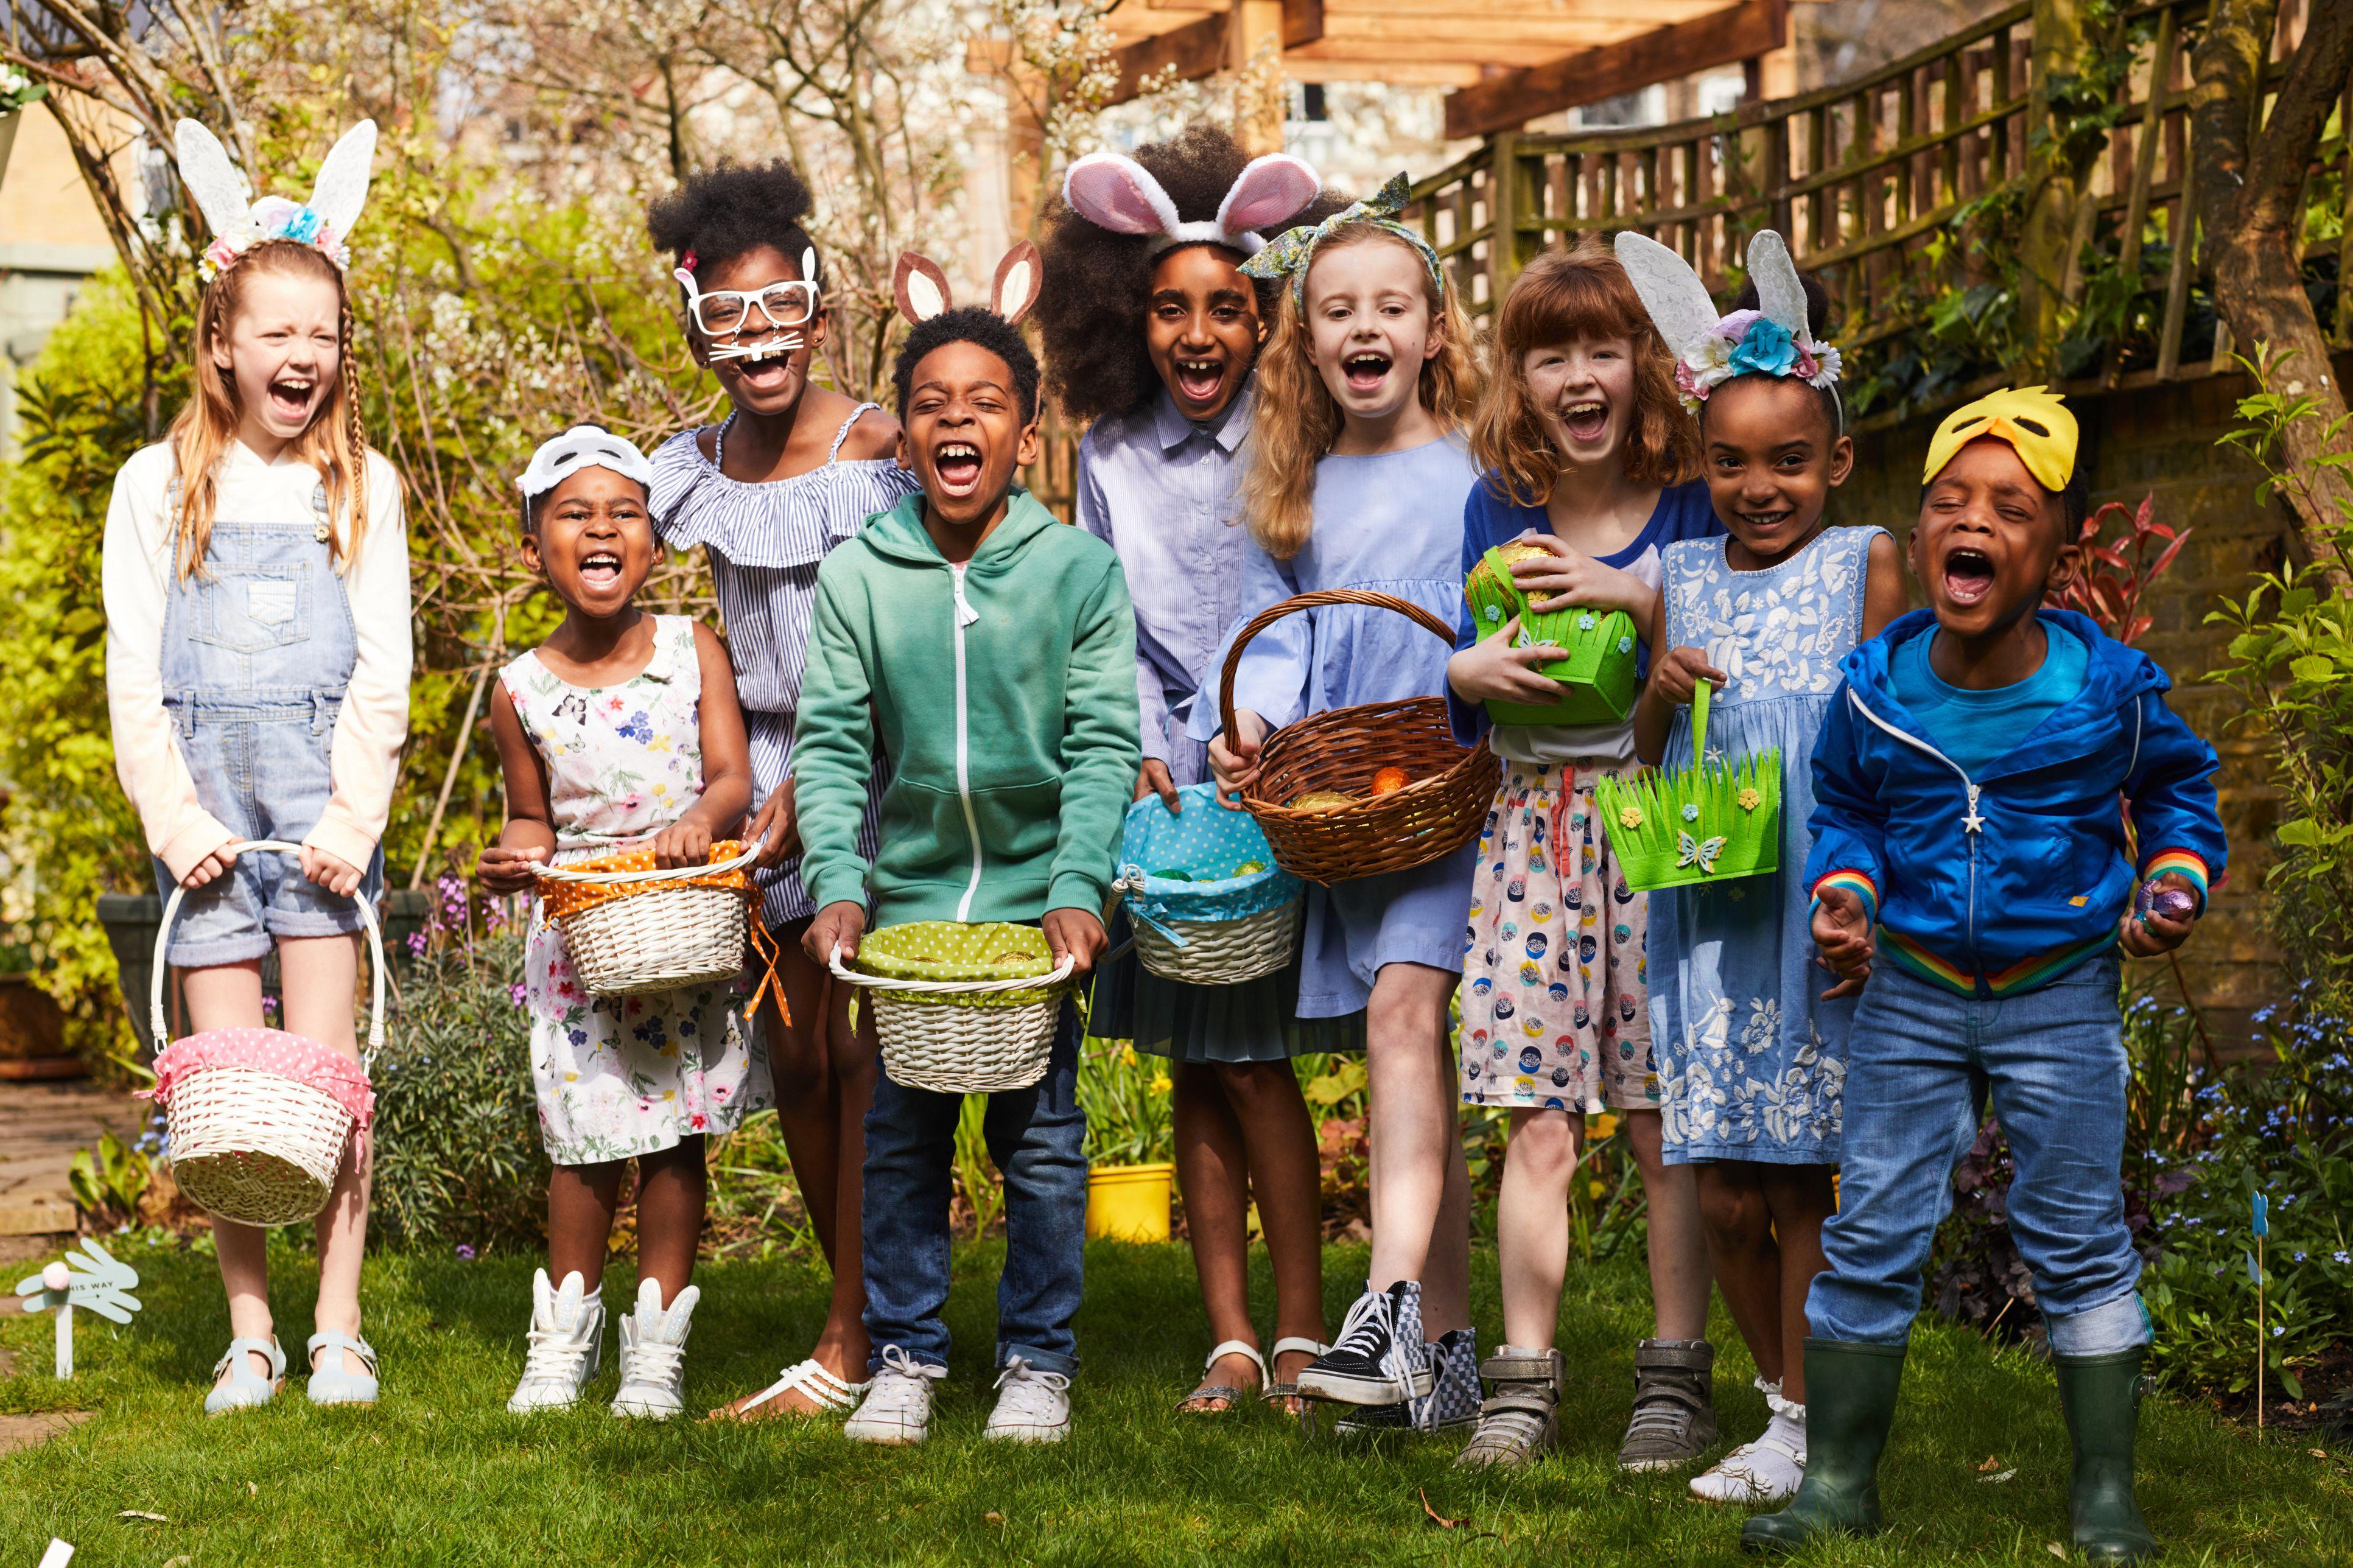 Group of children having fun on an Easter Egg Hunt.